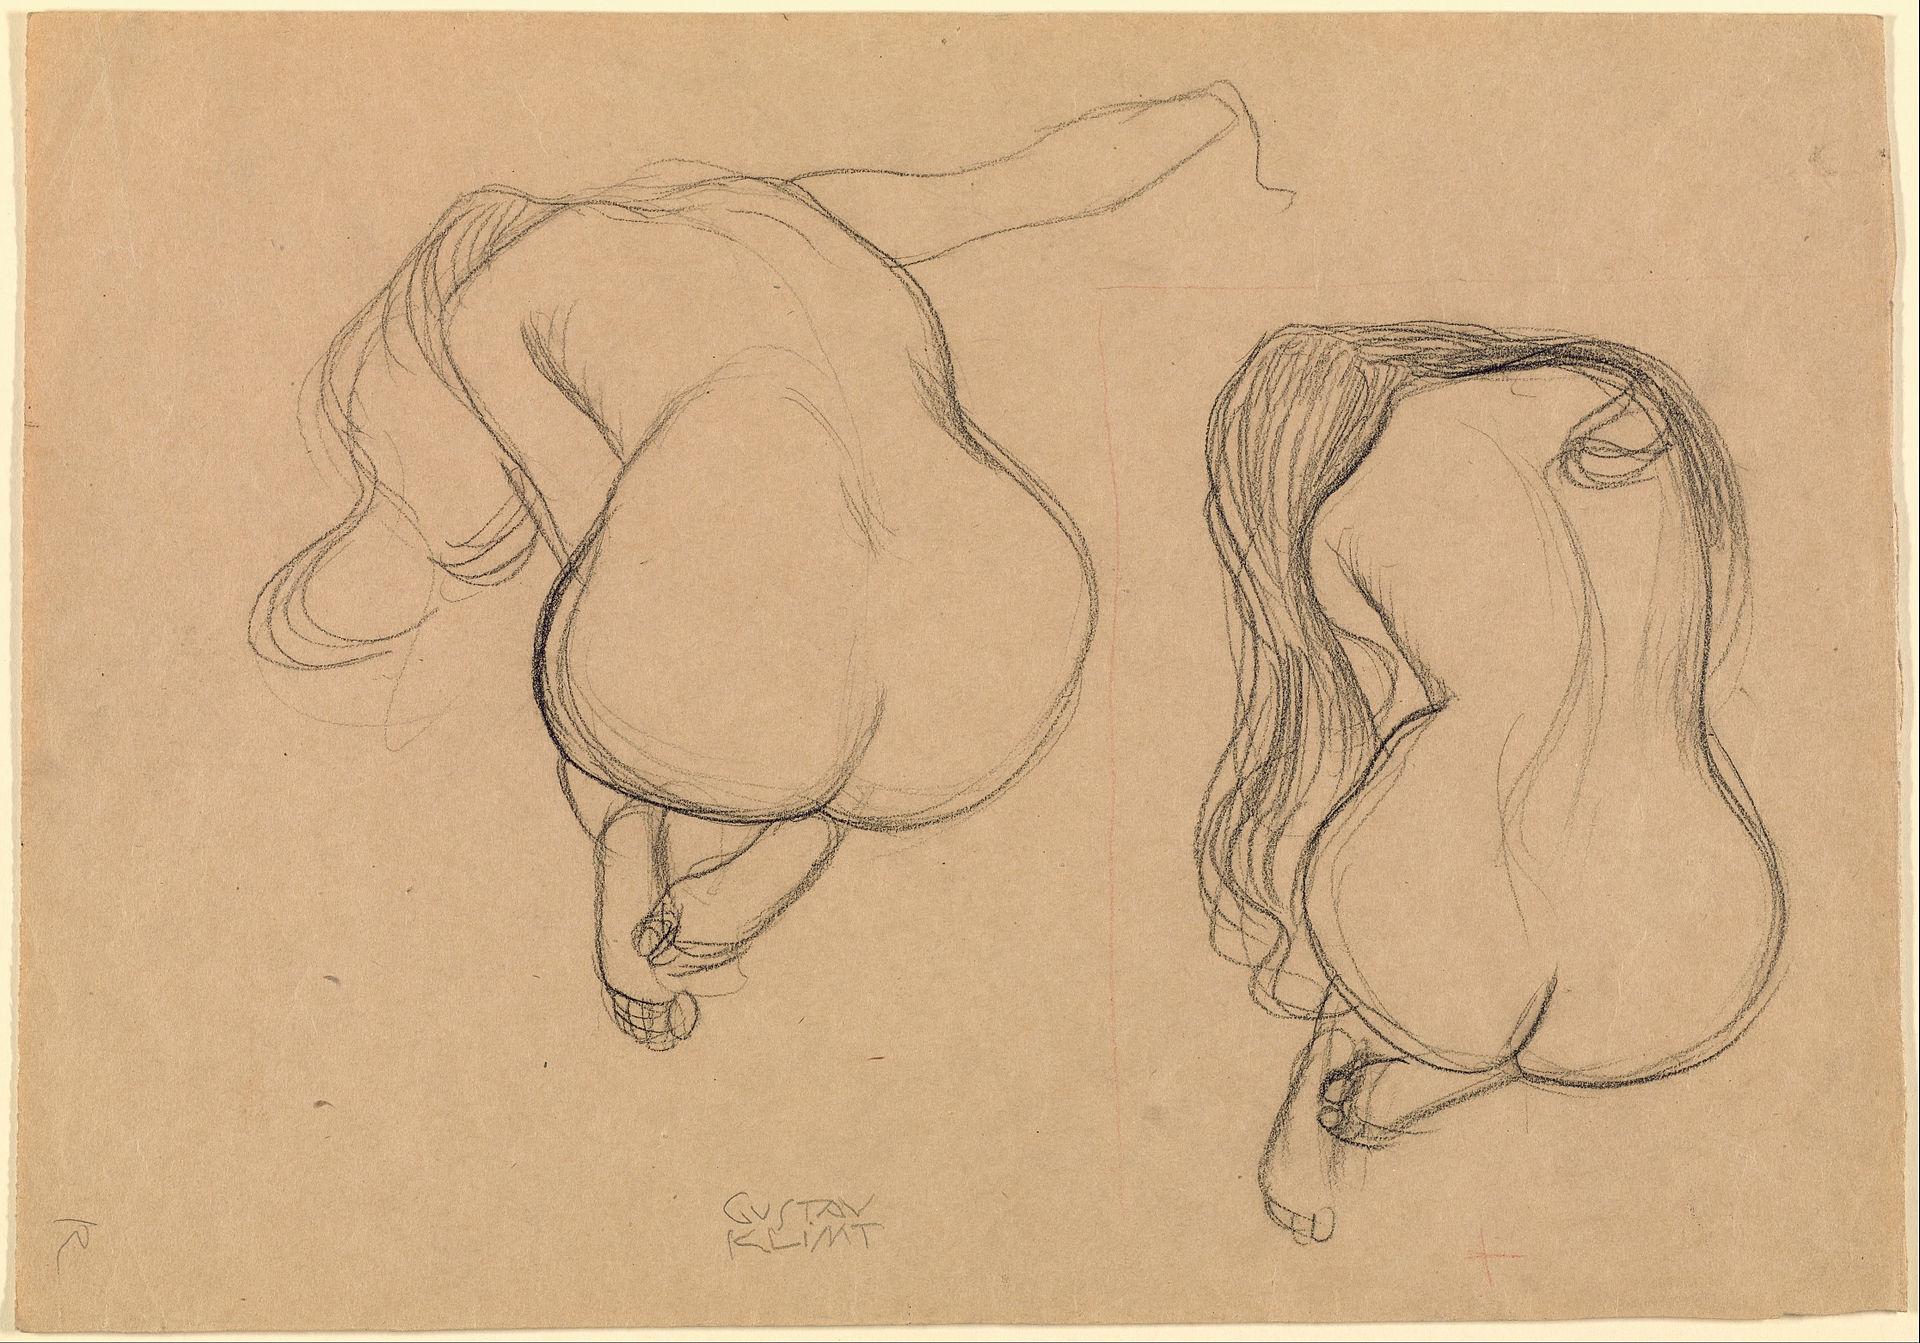 Figure Drawing by Gustav Klimt